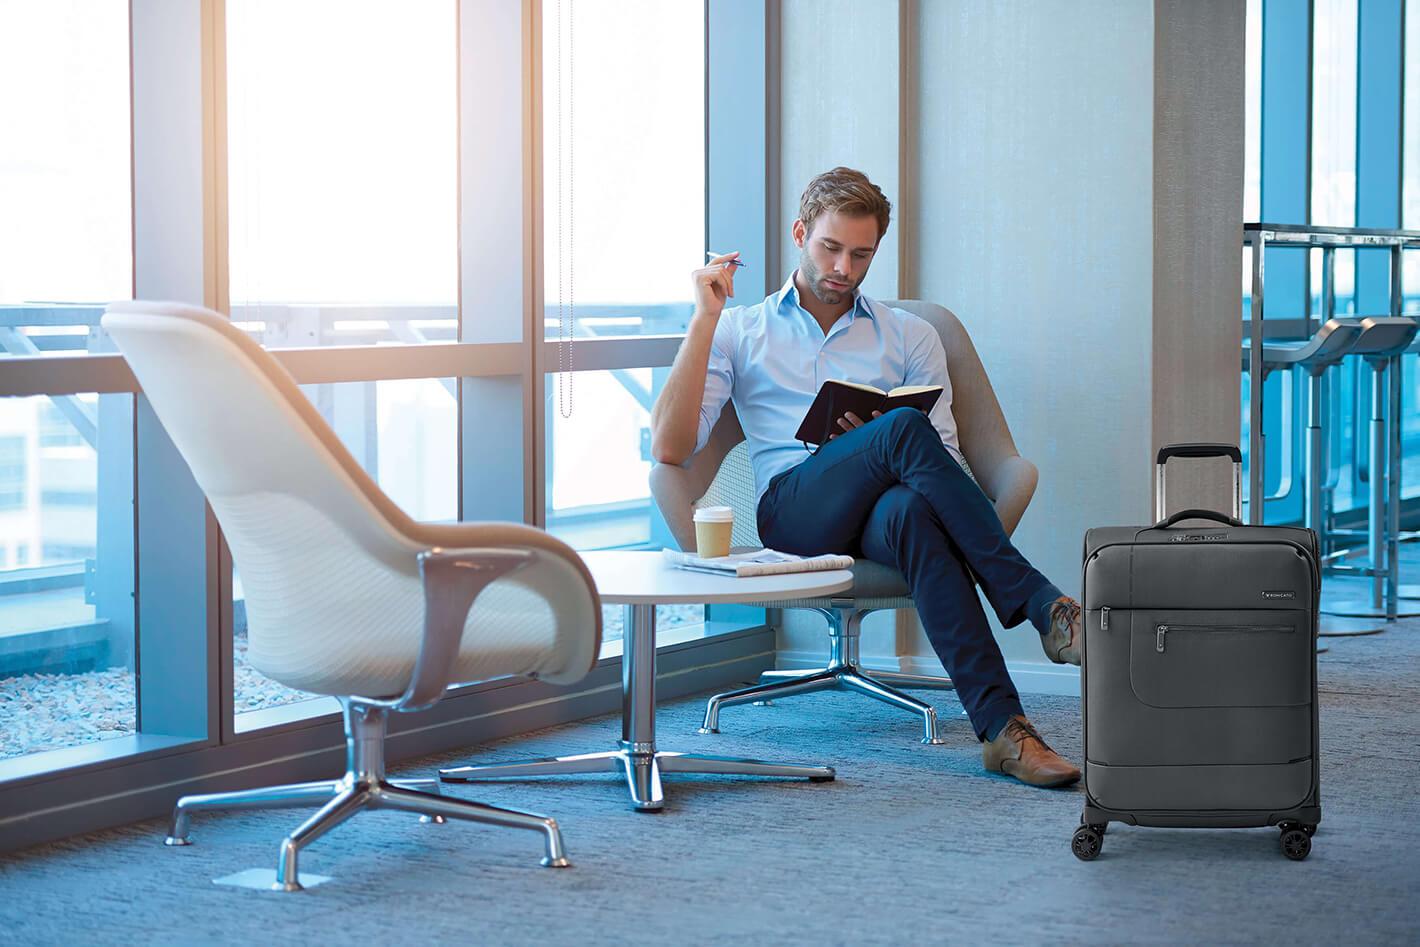 Ob im Business oder in der Freizeit: für Kabinengepäck gelten besondere Regeln.